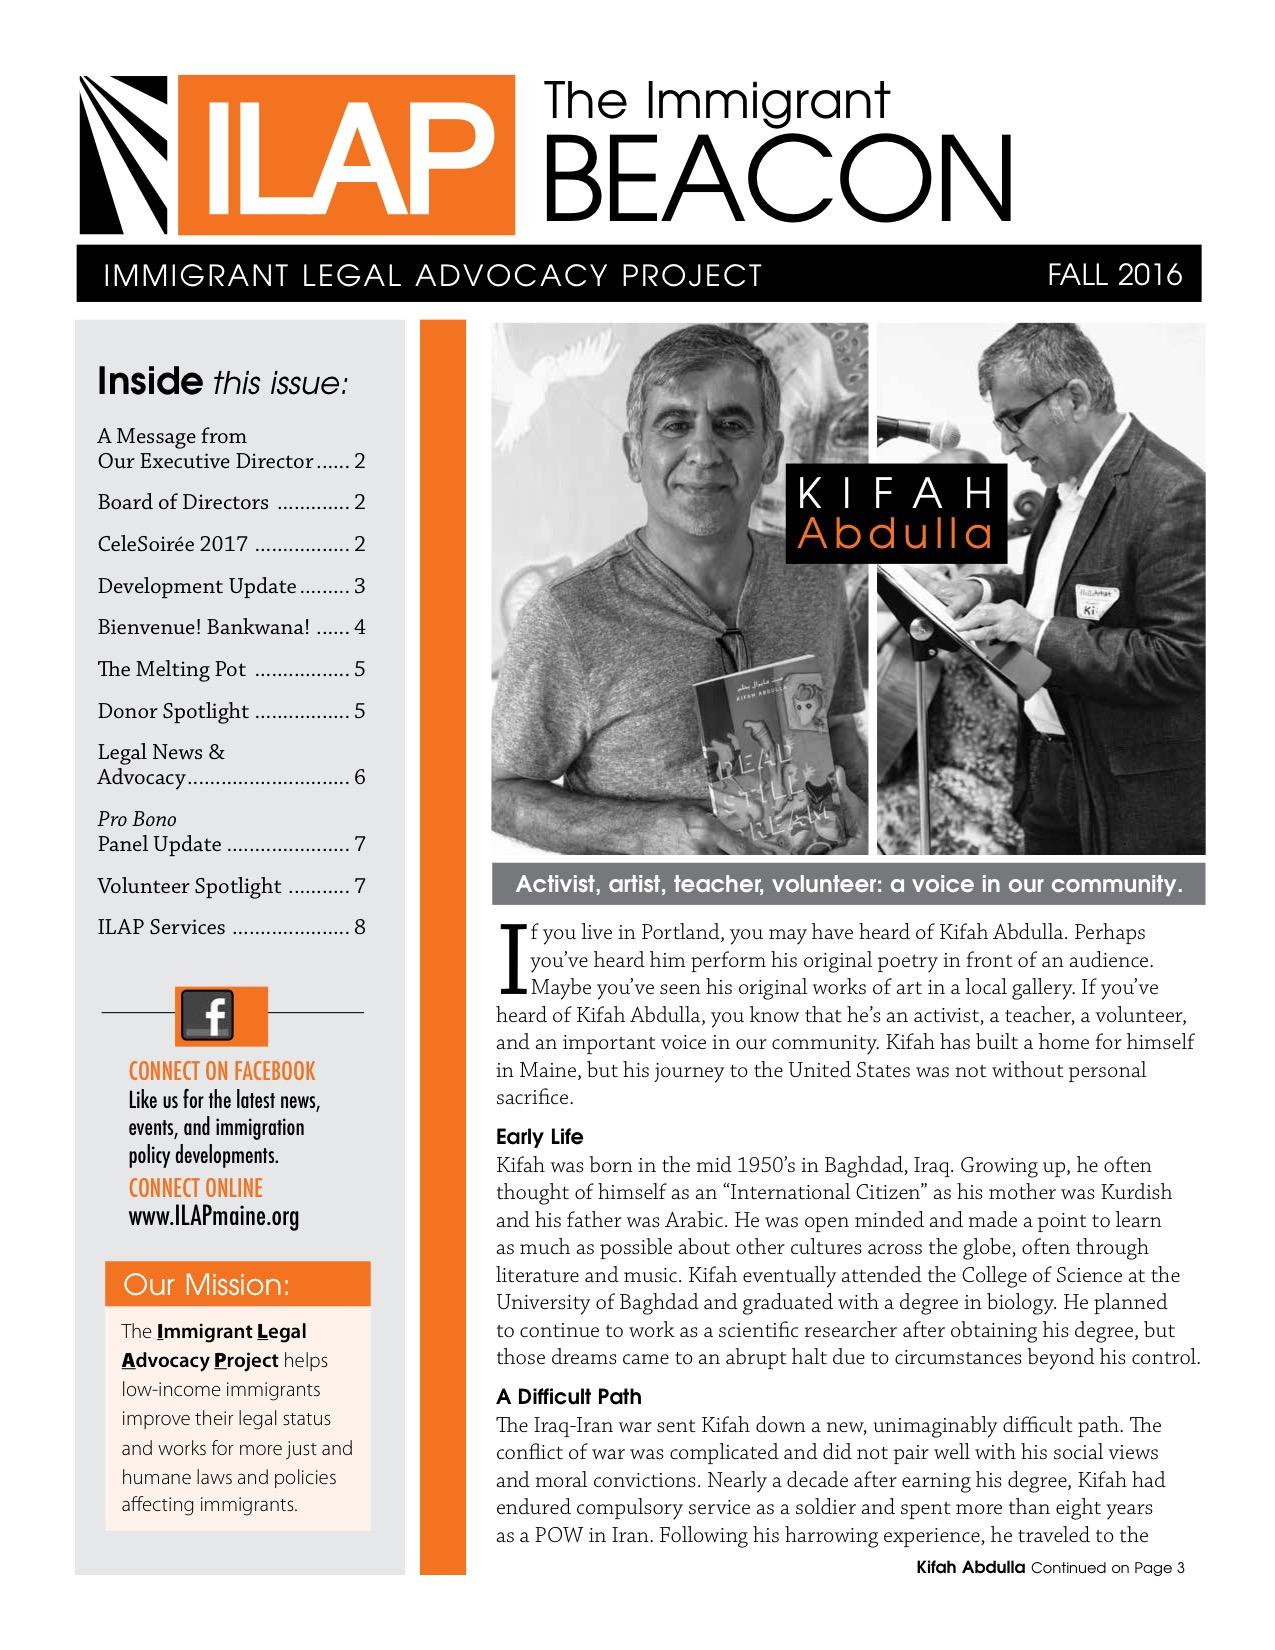 ILAP.BeaconFALL(10.3.16)-WEB.jpeg